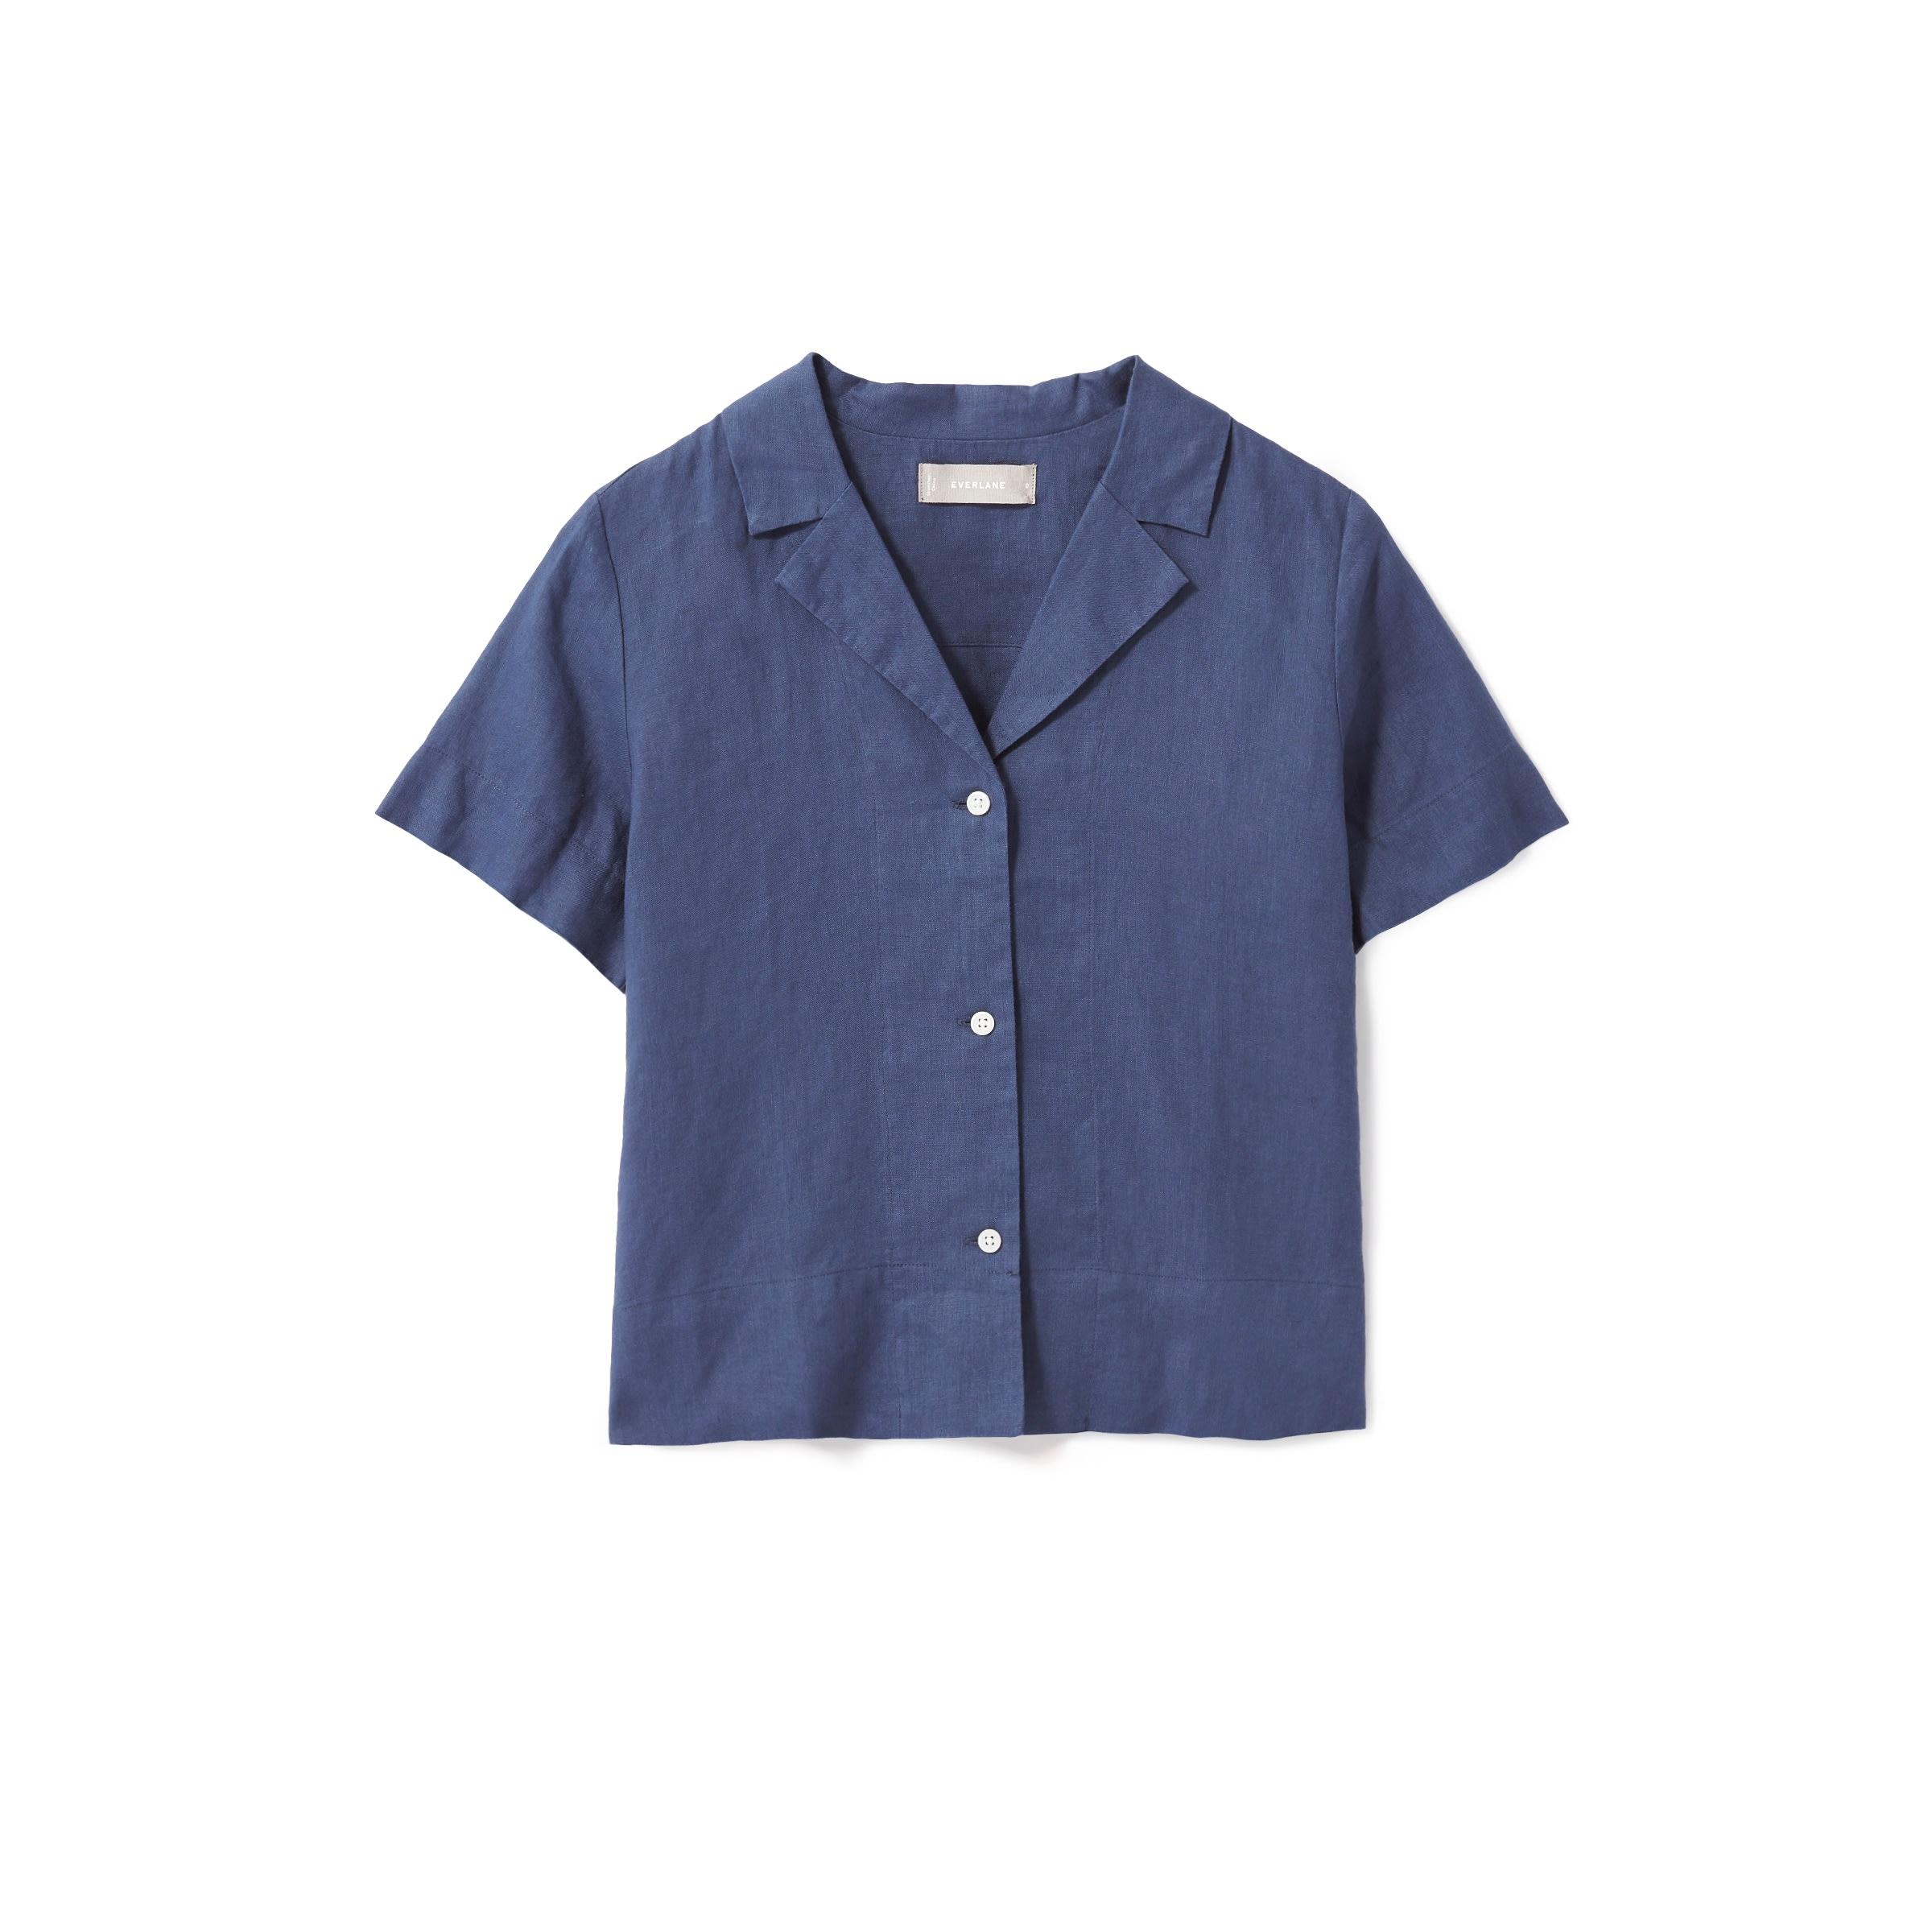 Everlane - The Linen Notch Short-Sleeve Shirt